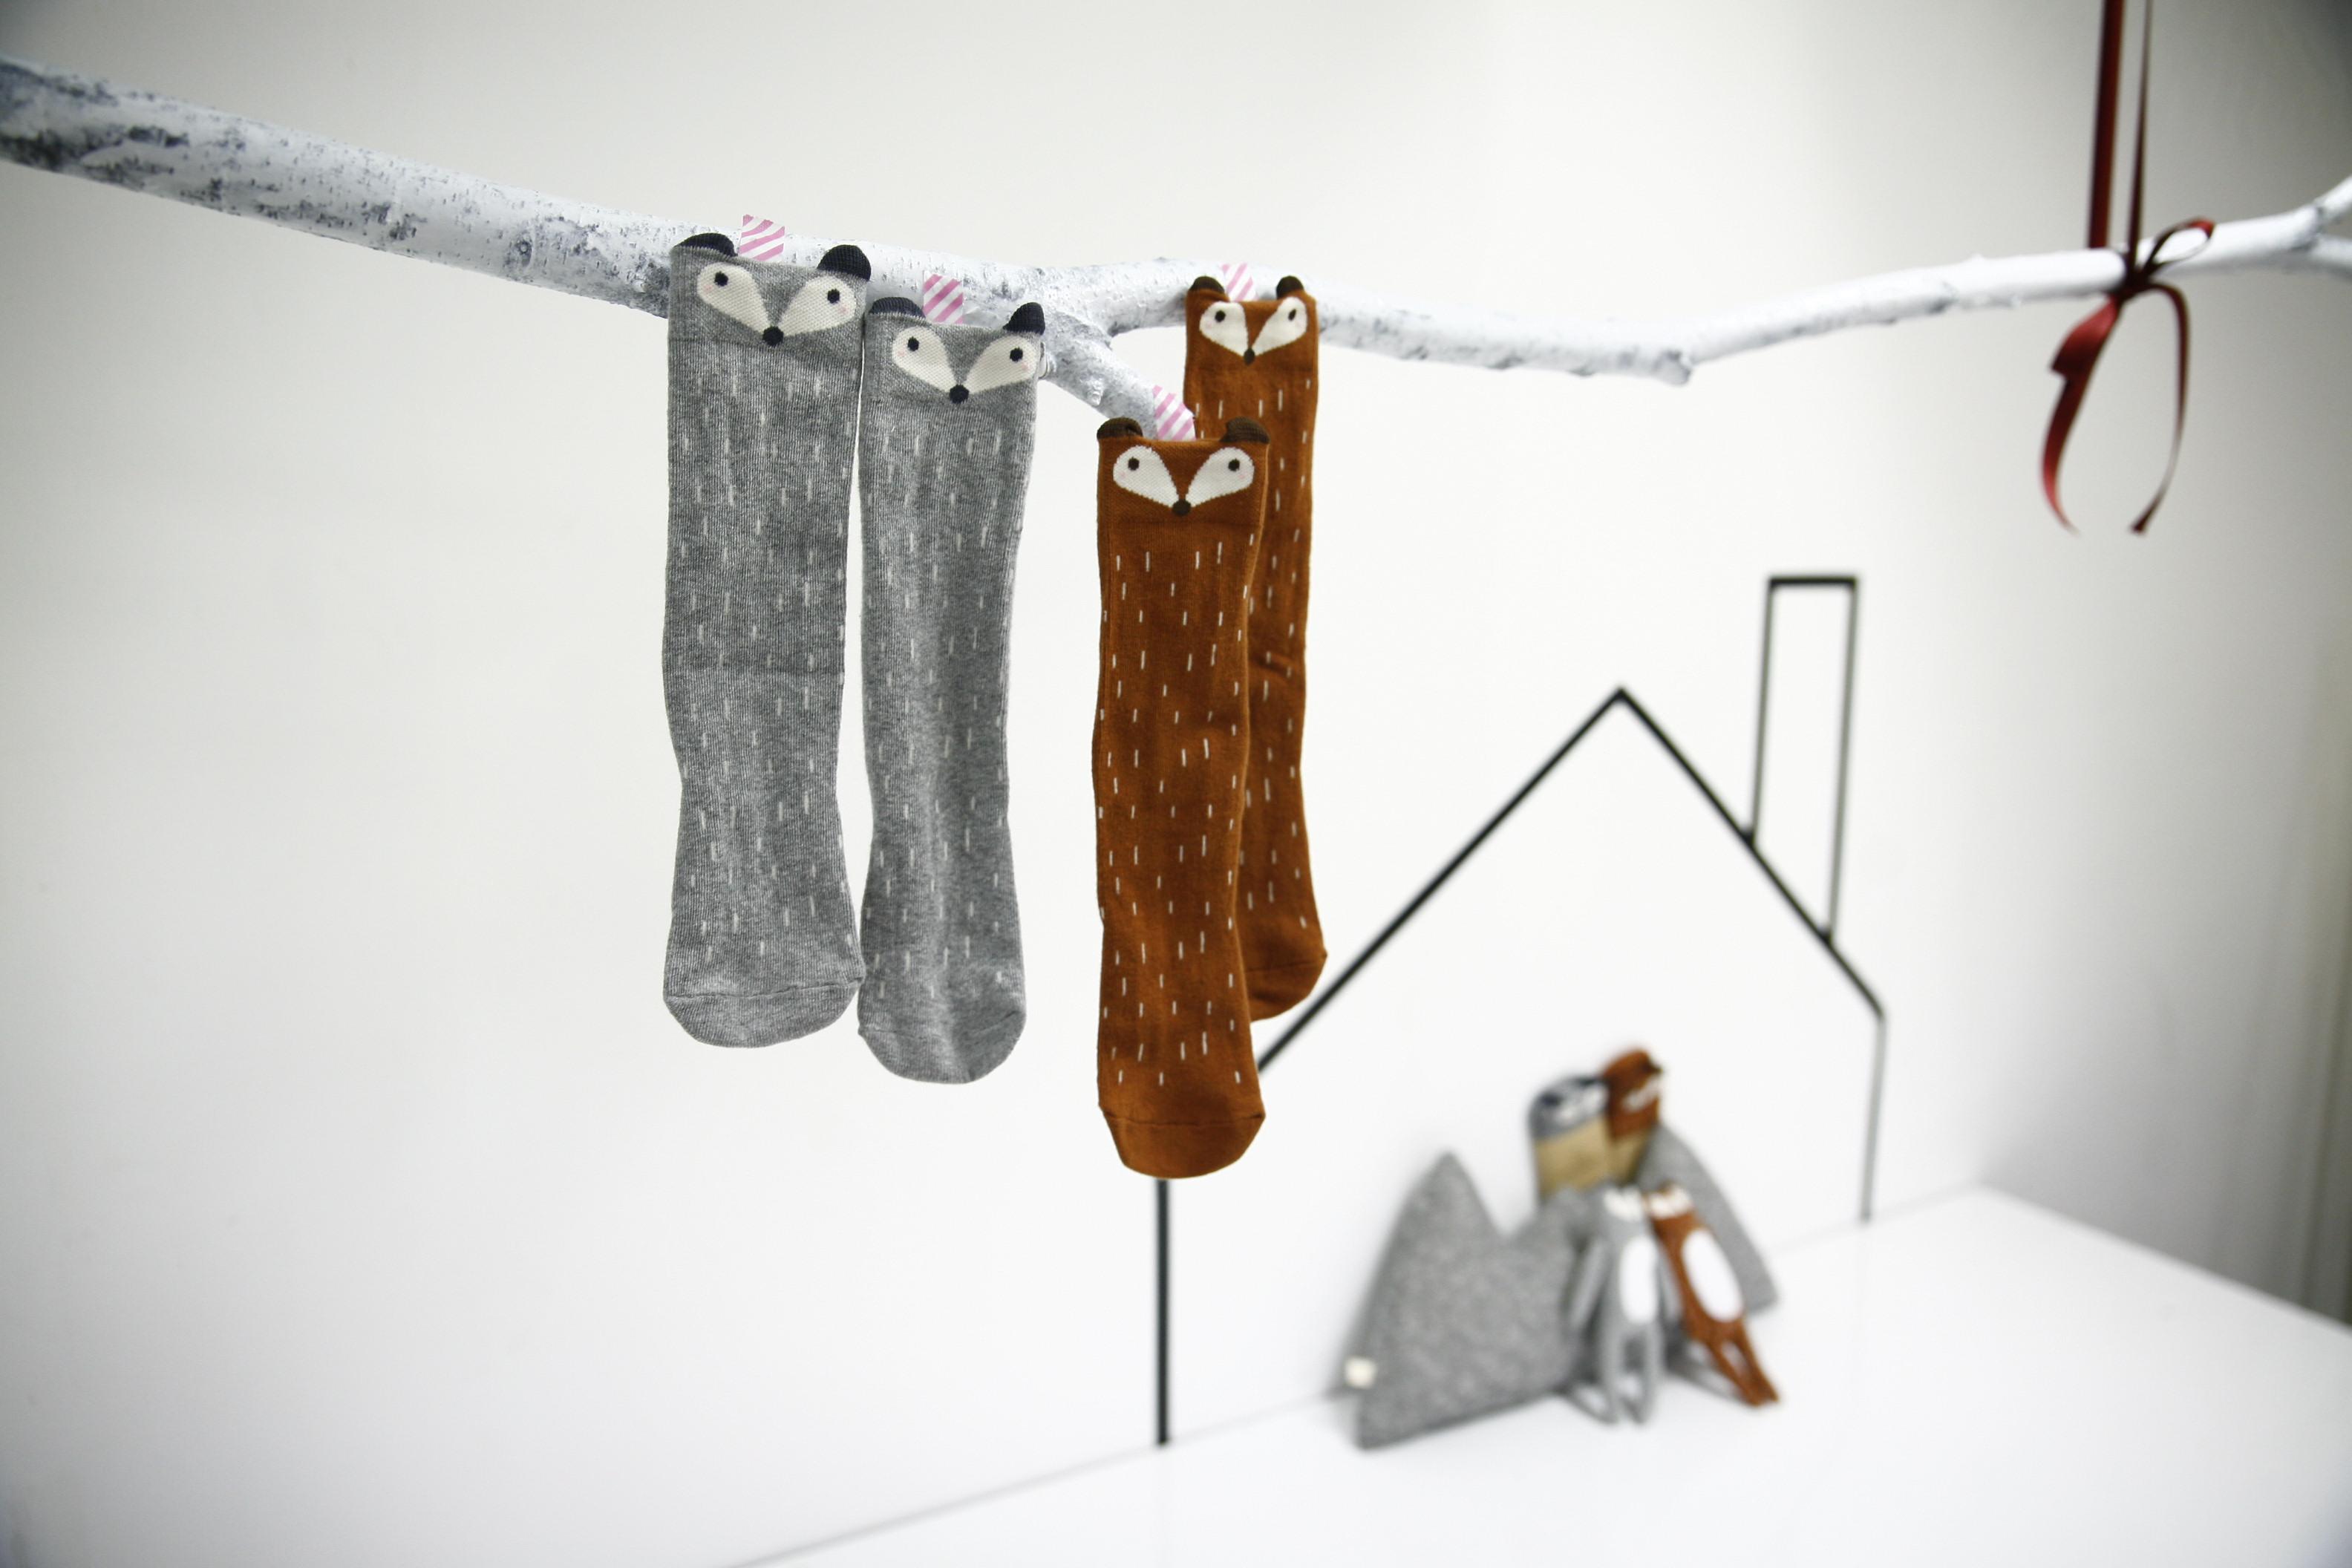 fc28d2964  MG 2820.  MG 1522.  MG 1236. Mini Dressing Raccoon Knee Socks